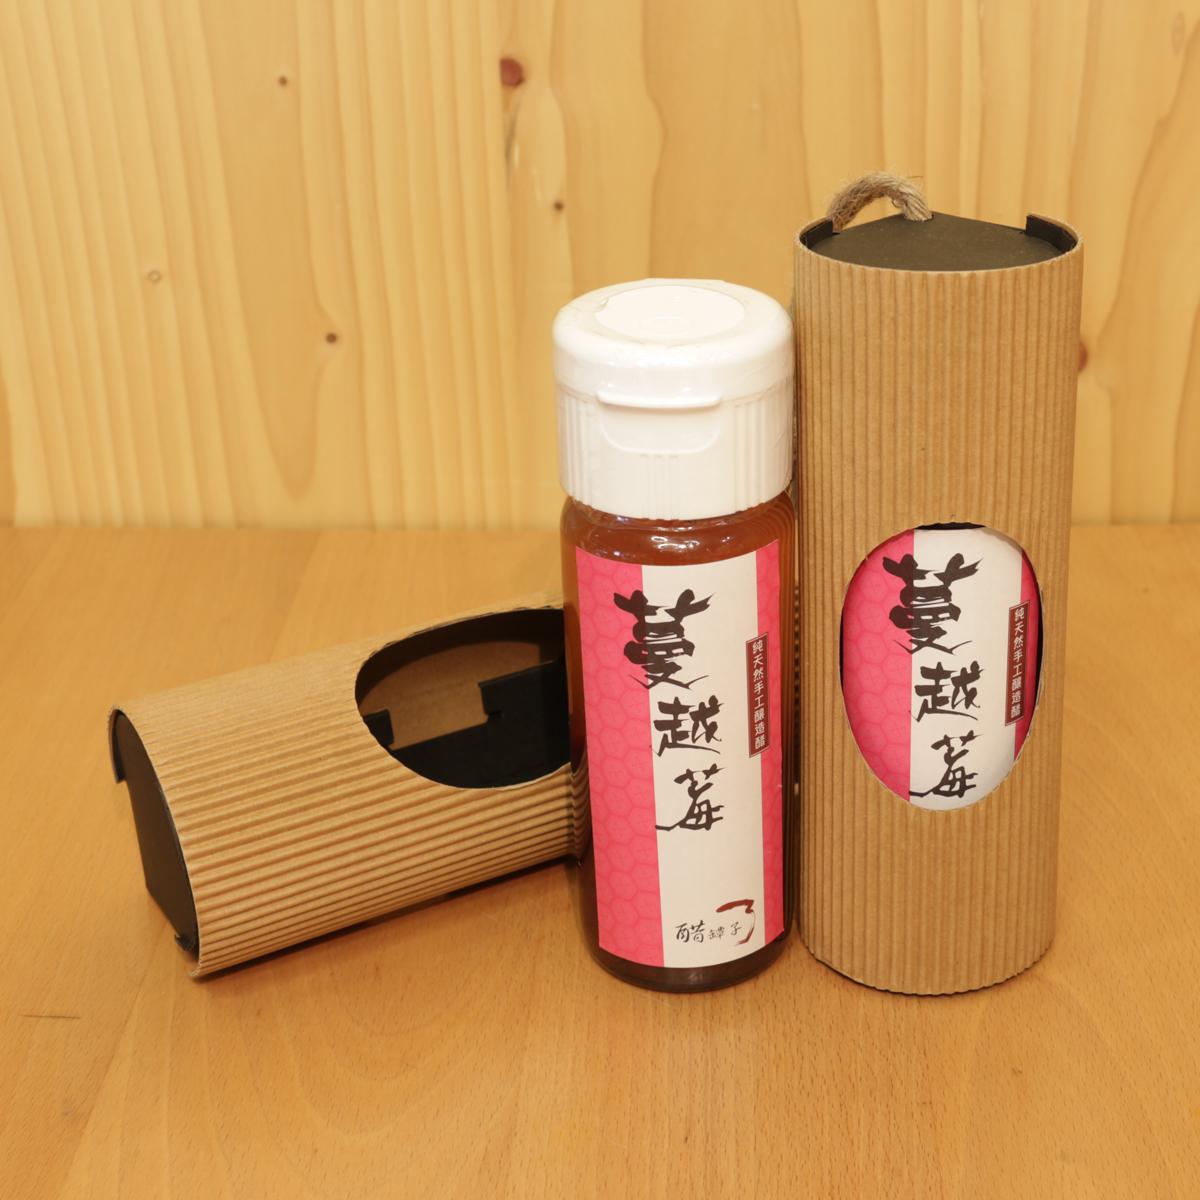 ﹝醋罈子﹞純手釀蔓越莓醋(300ml)